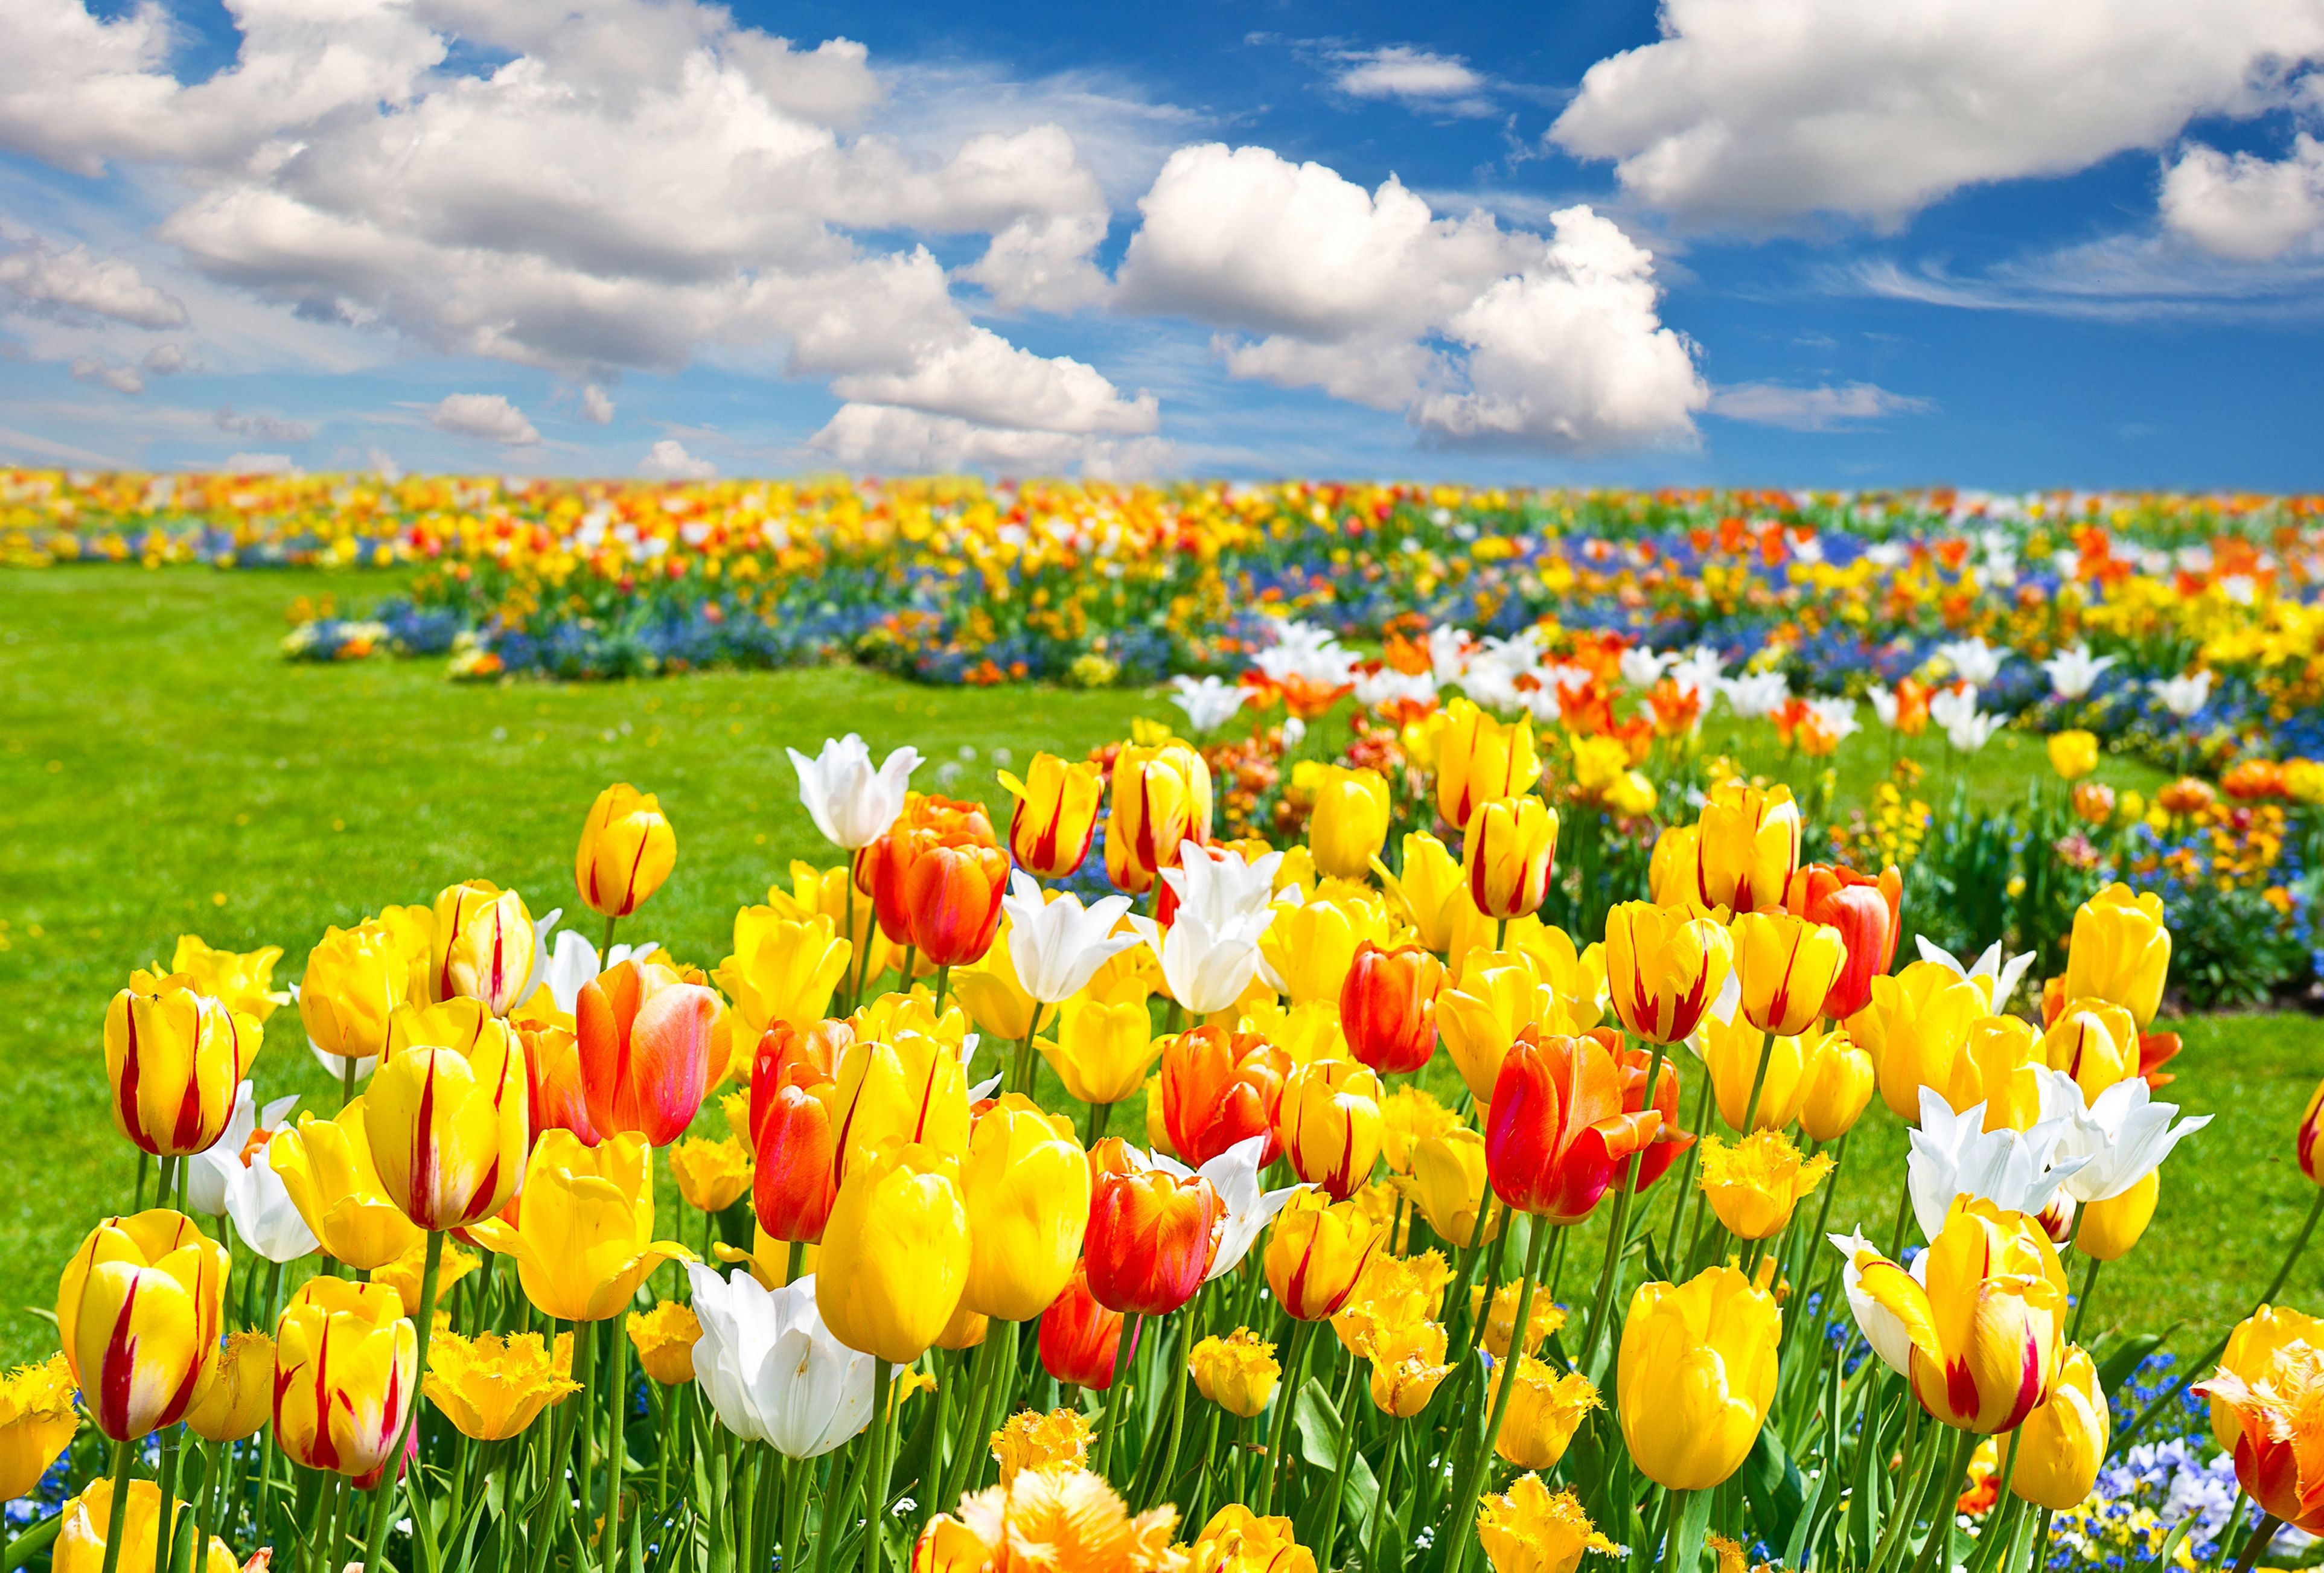 Hd Wallpaper Tulip Fields 2021 Live Wallpaper Hd Tulip Fields Flower Landscape Field Wallpaper